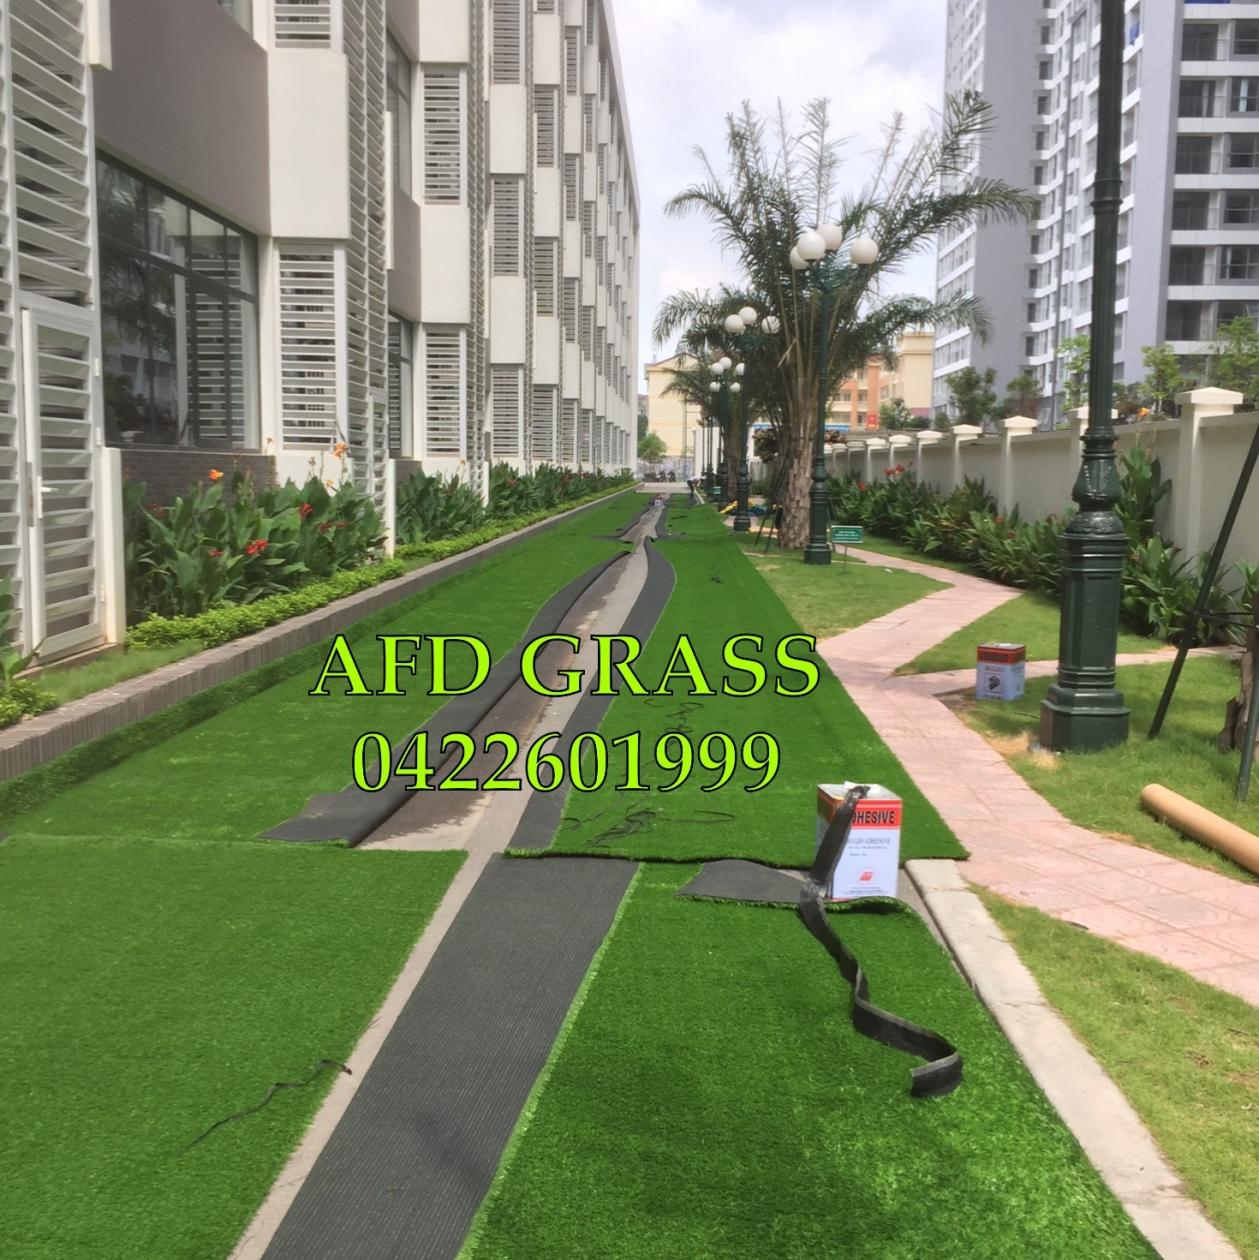 THI CoNG CoNG TRiNH  VINSCHOOL TIMES CITY _ghLlc → Công ty AFD grass